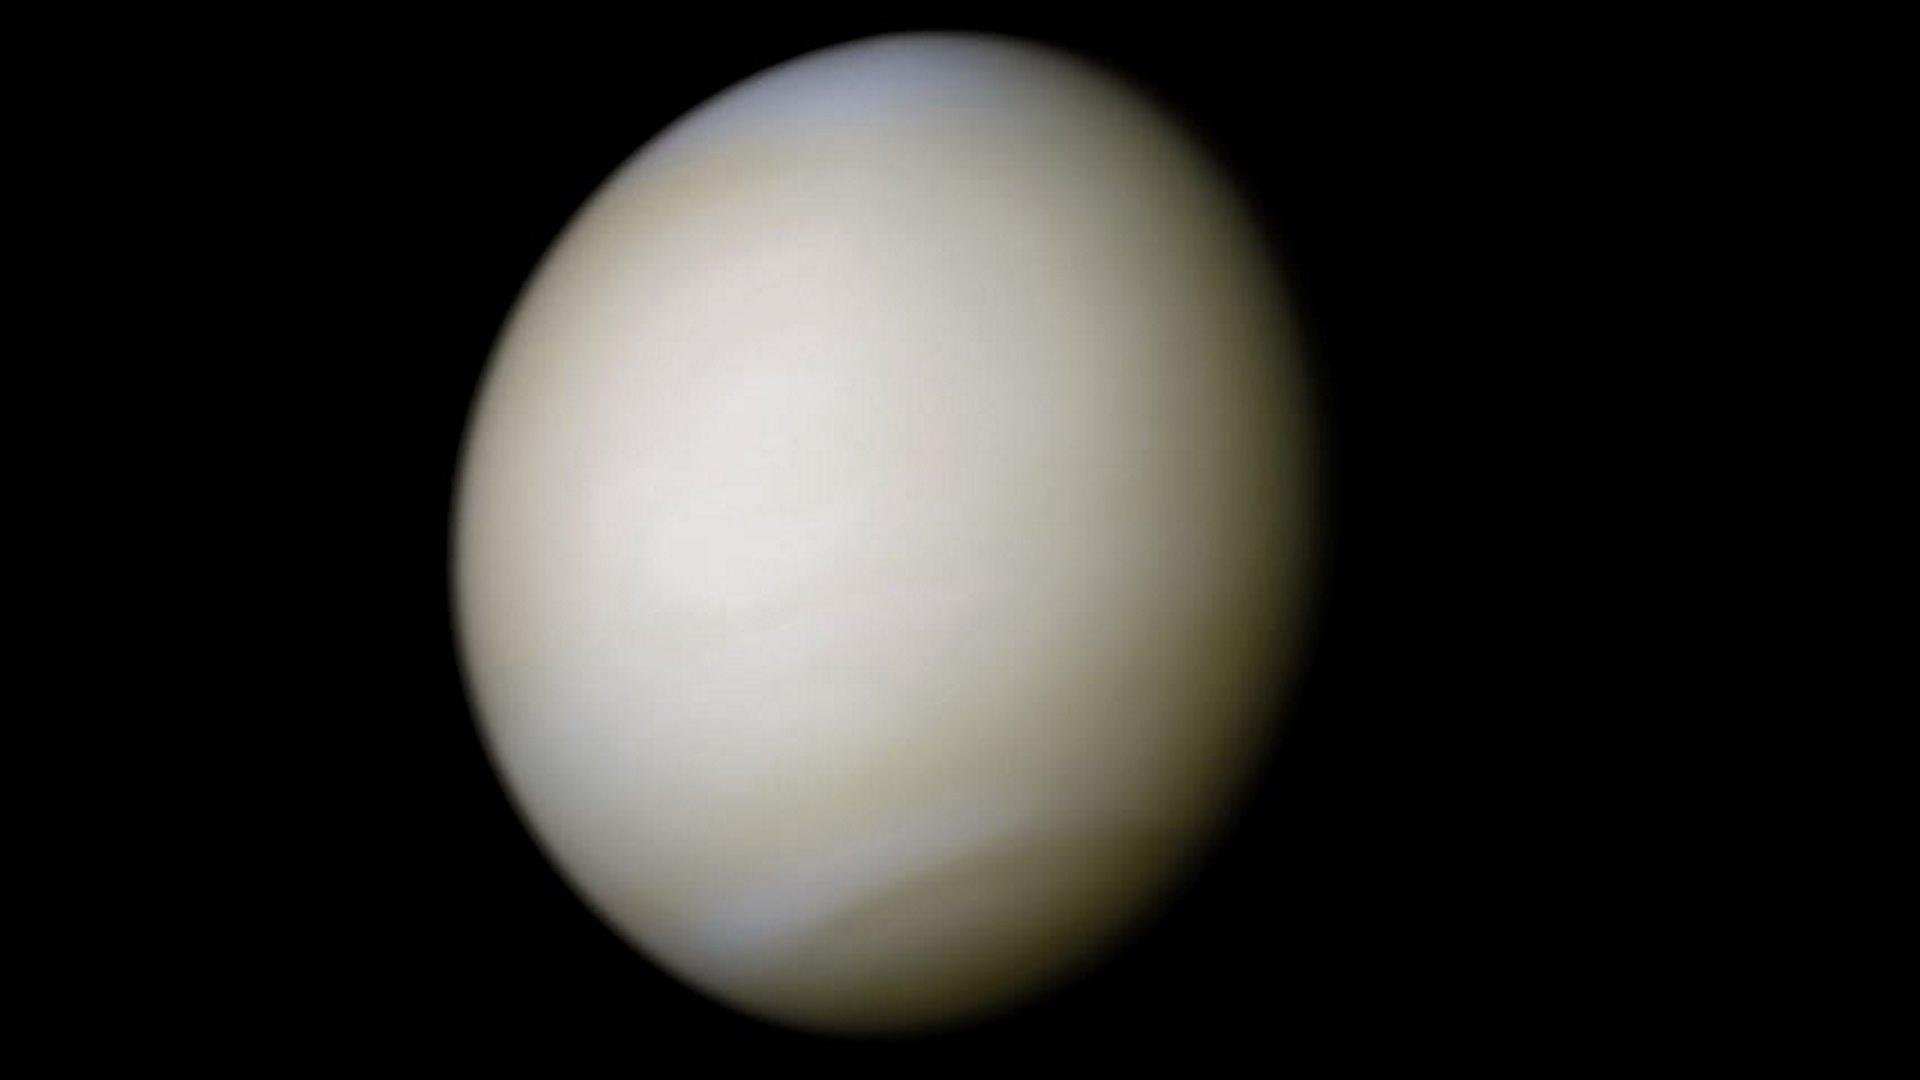 La NASA pudo detectar indicios de vida en Venus en 1978